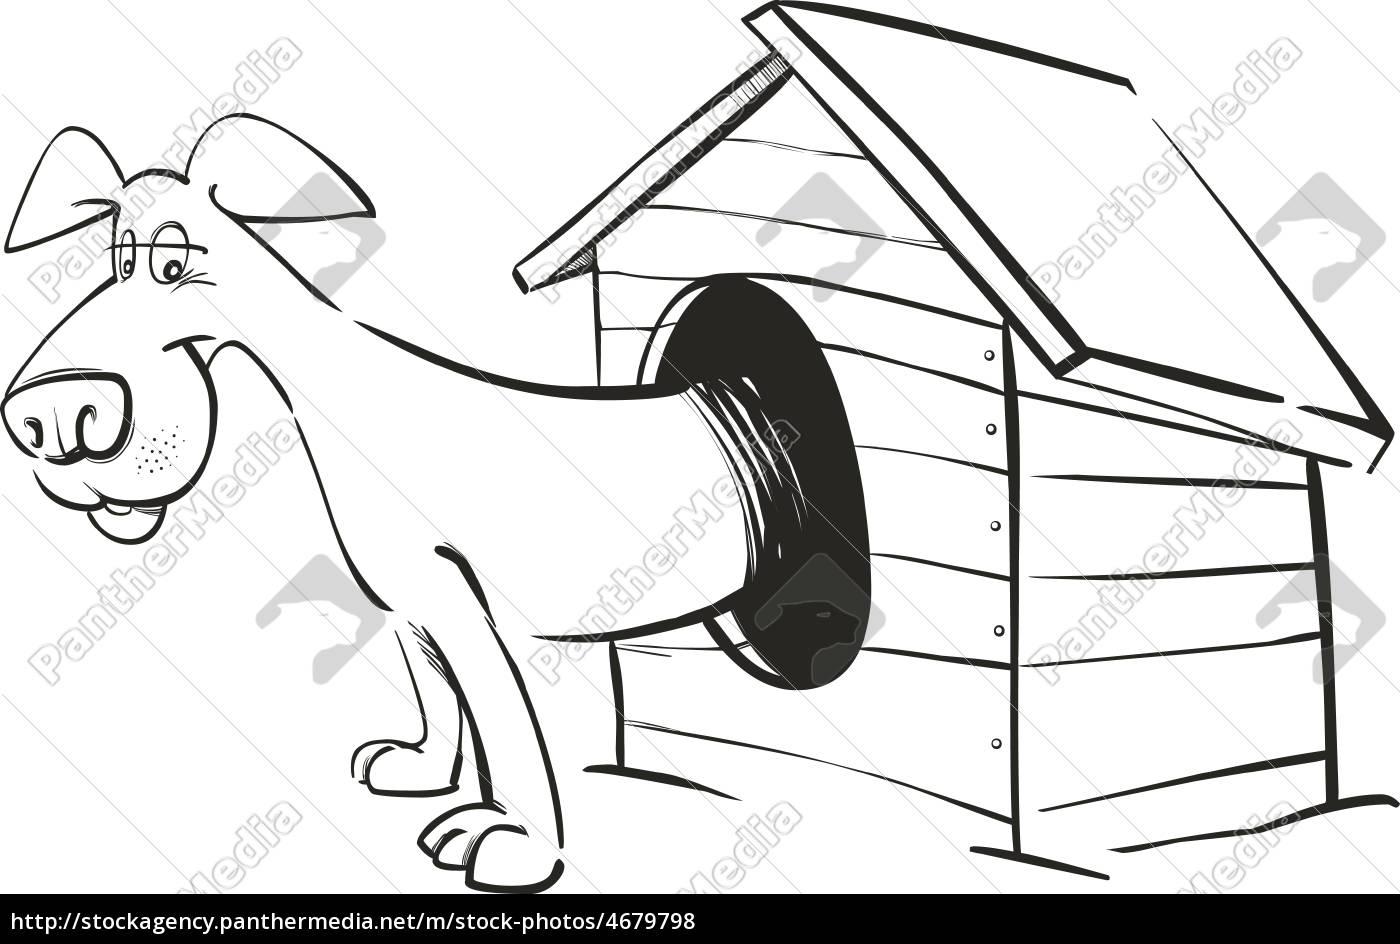 perro en casa de perro para colorear - Stockphoto - #4679798 ...